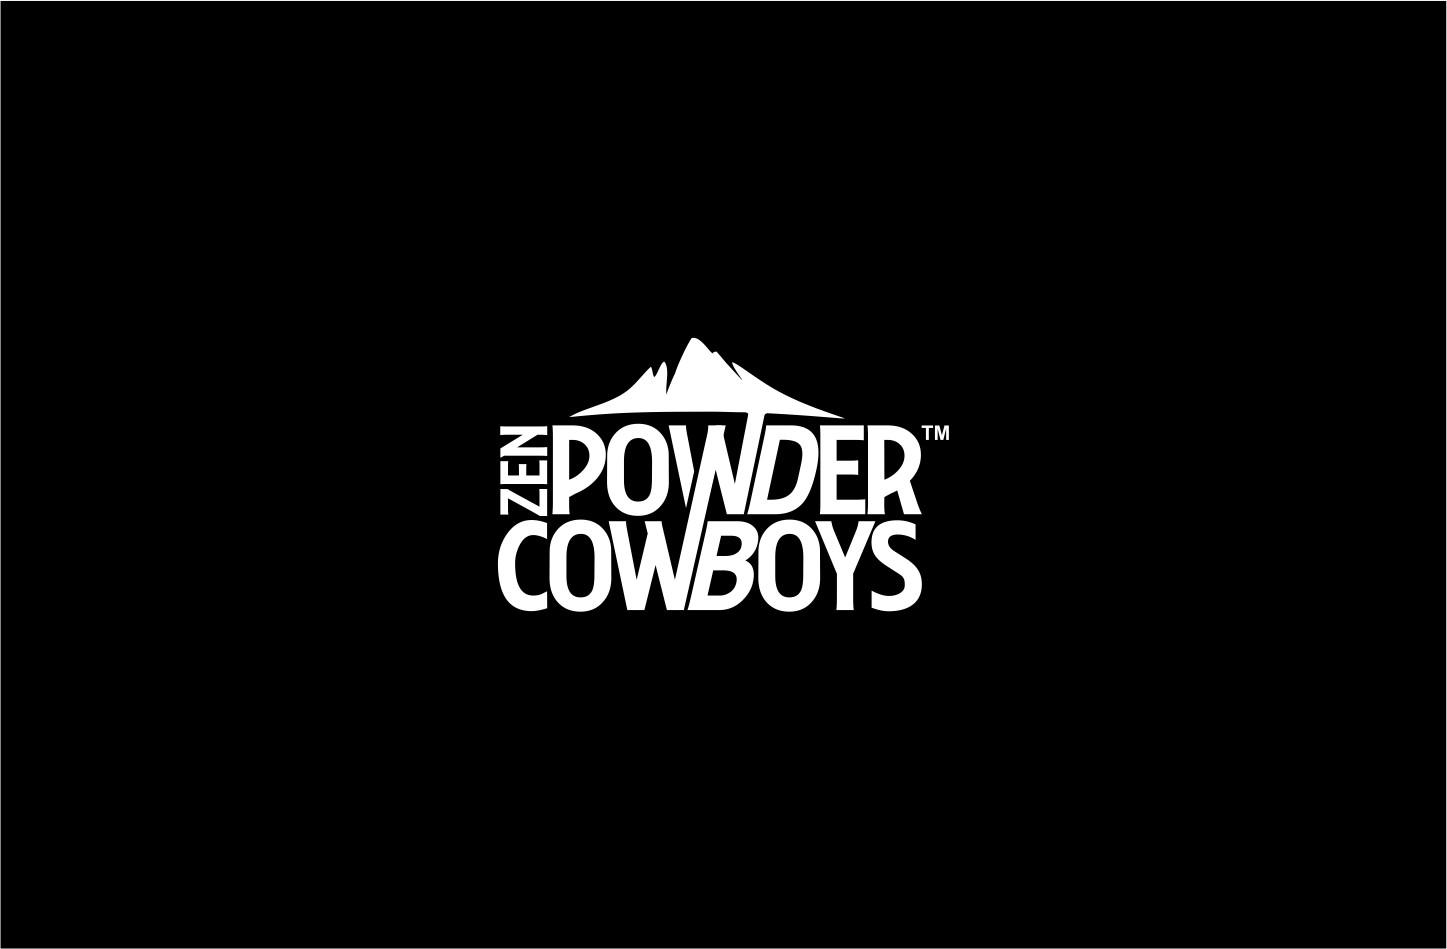 Create the next logo for Zen Powder Cowboys